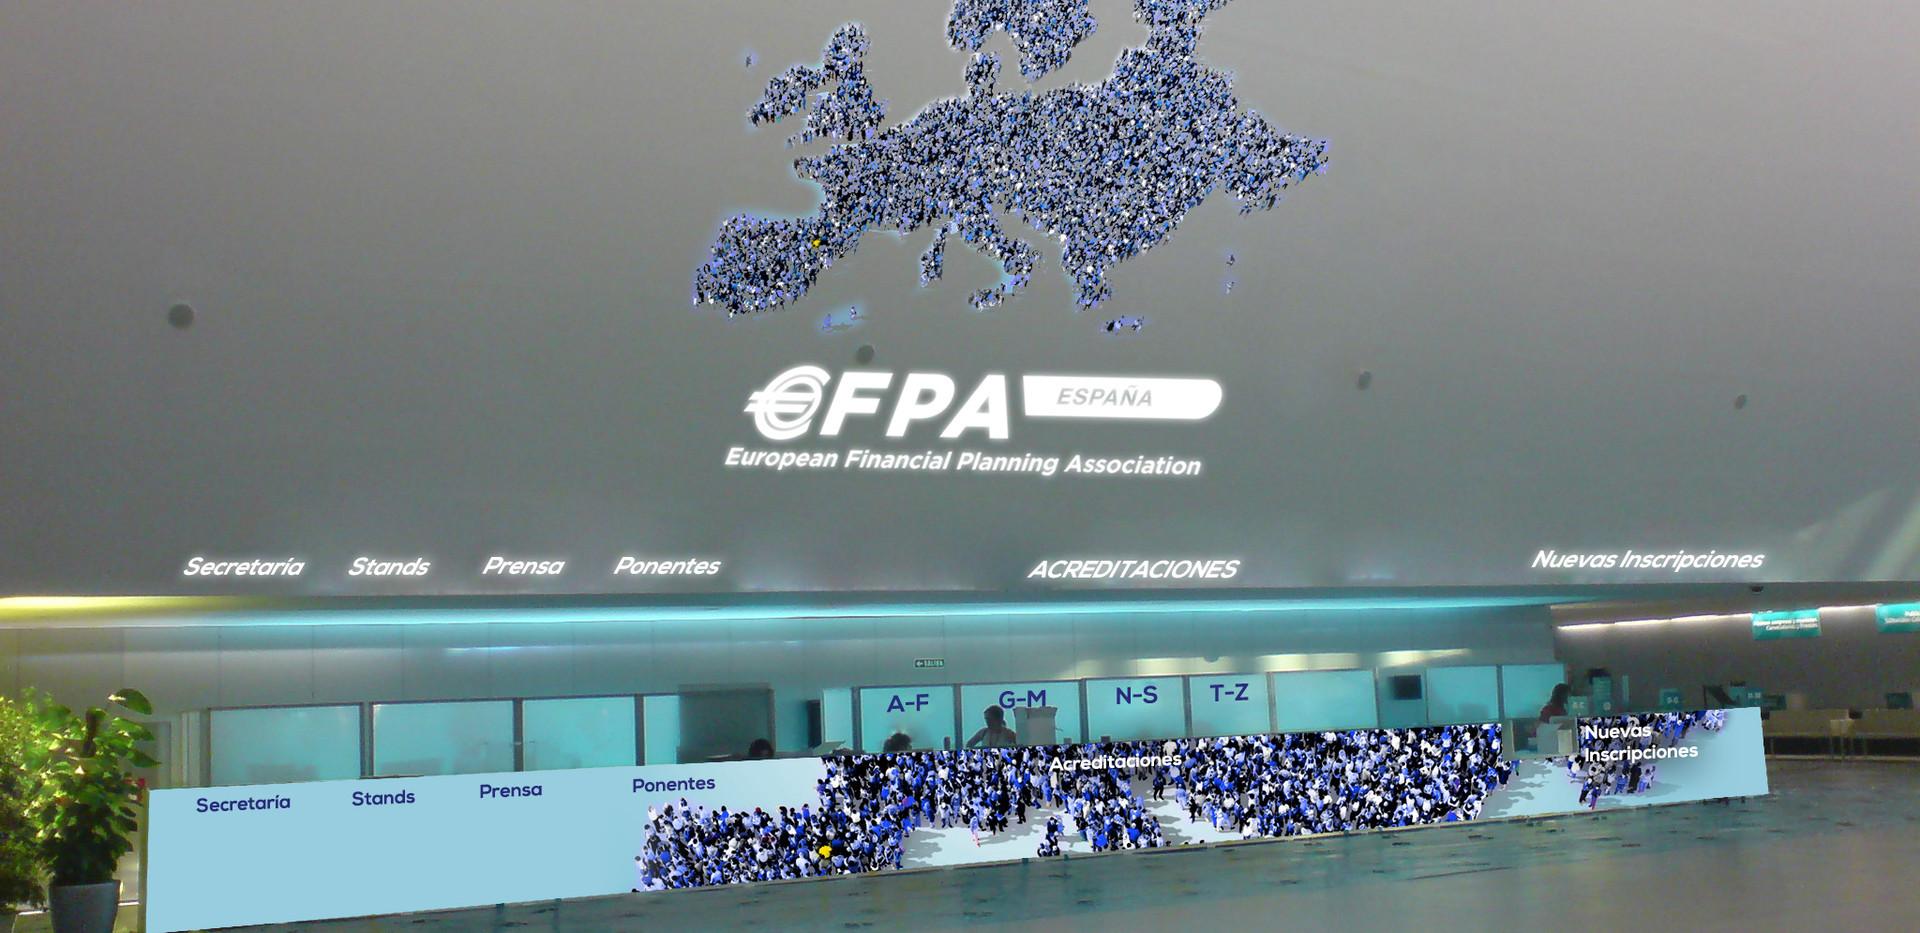 Simulación Mostrador EFPA.jpg